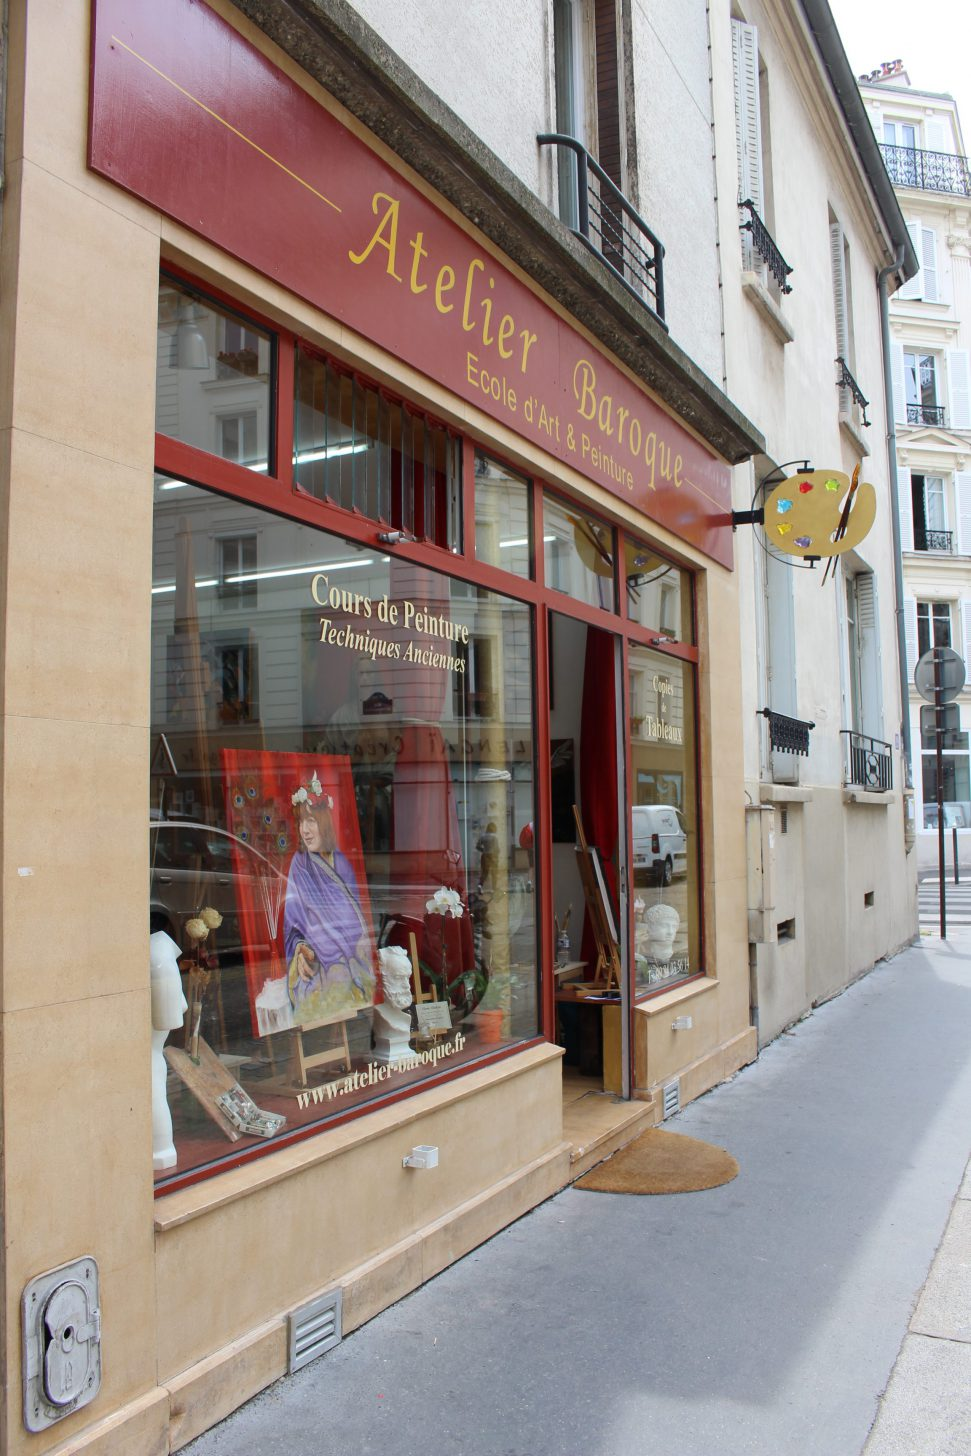 cours de painture paris, cours peinture paris, cours de peinture à paris, stage peinture paris, atelier baroque